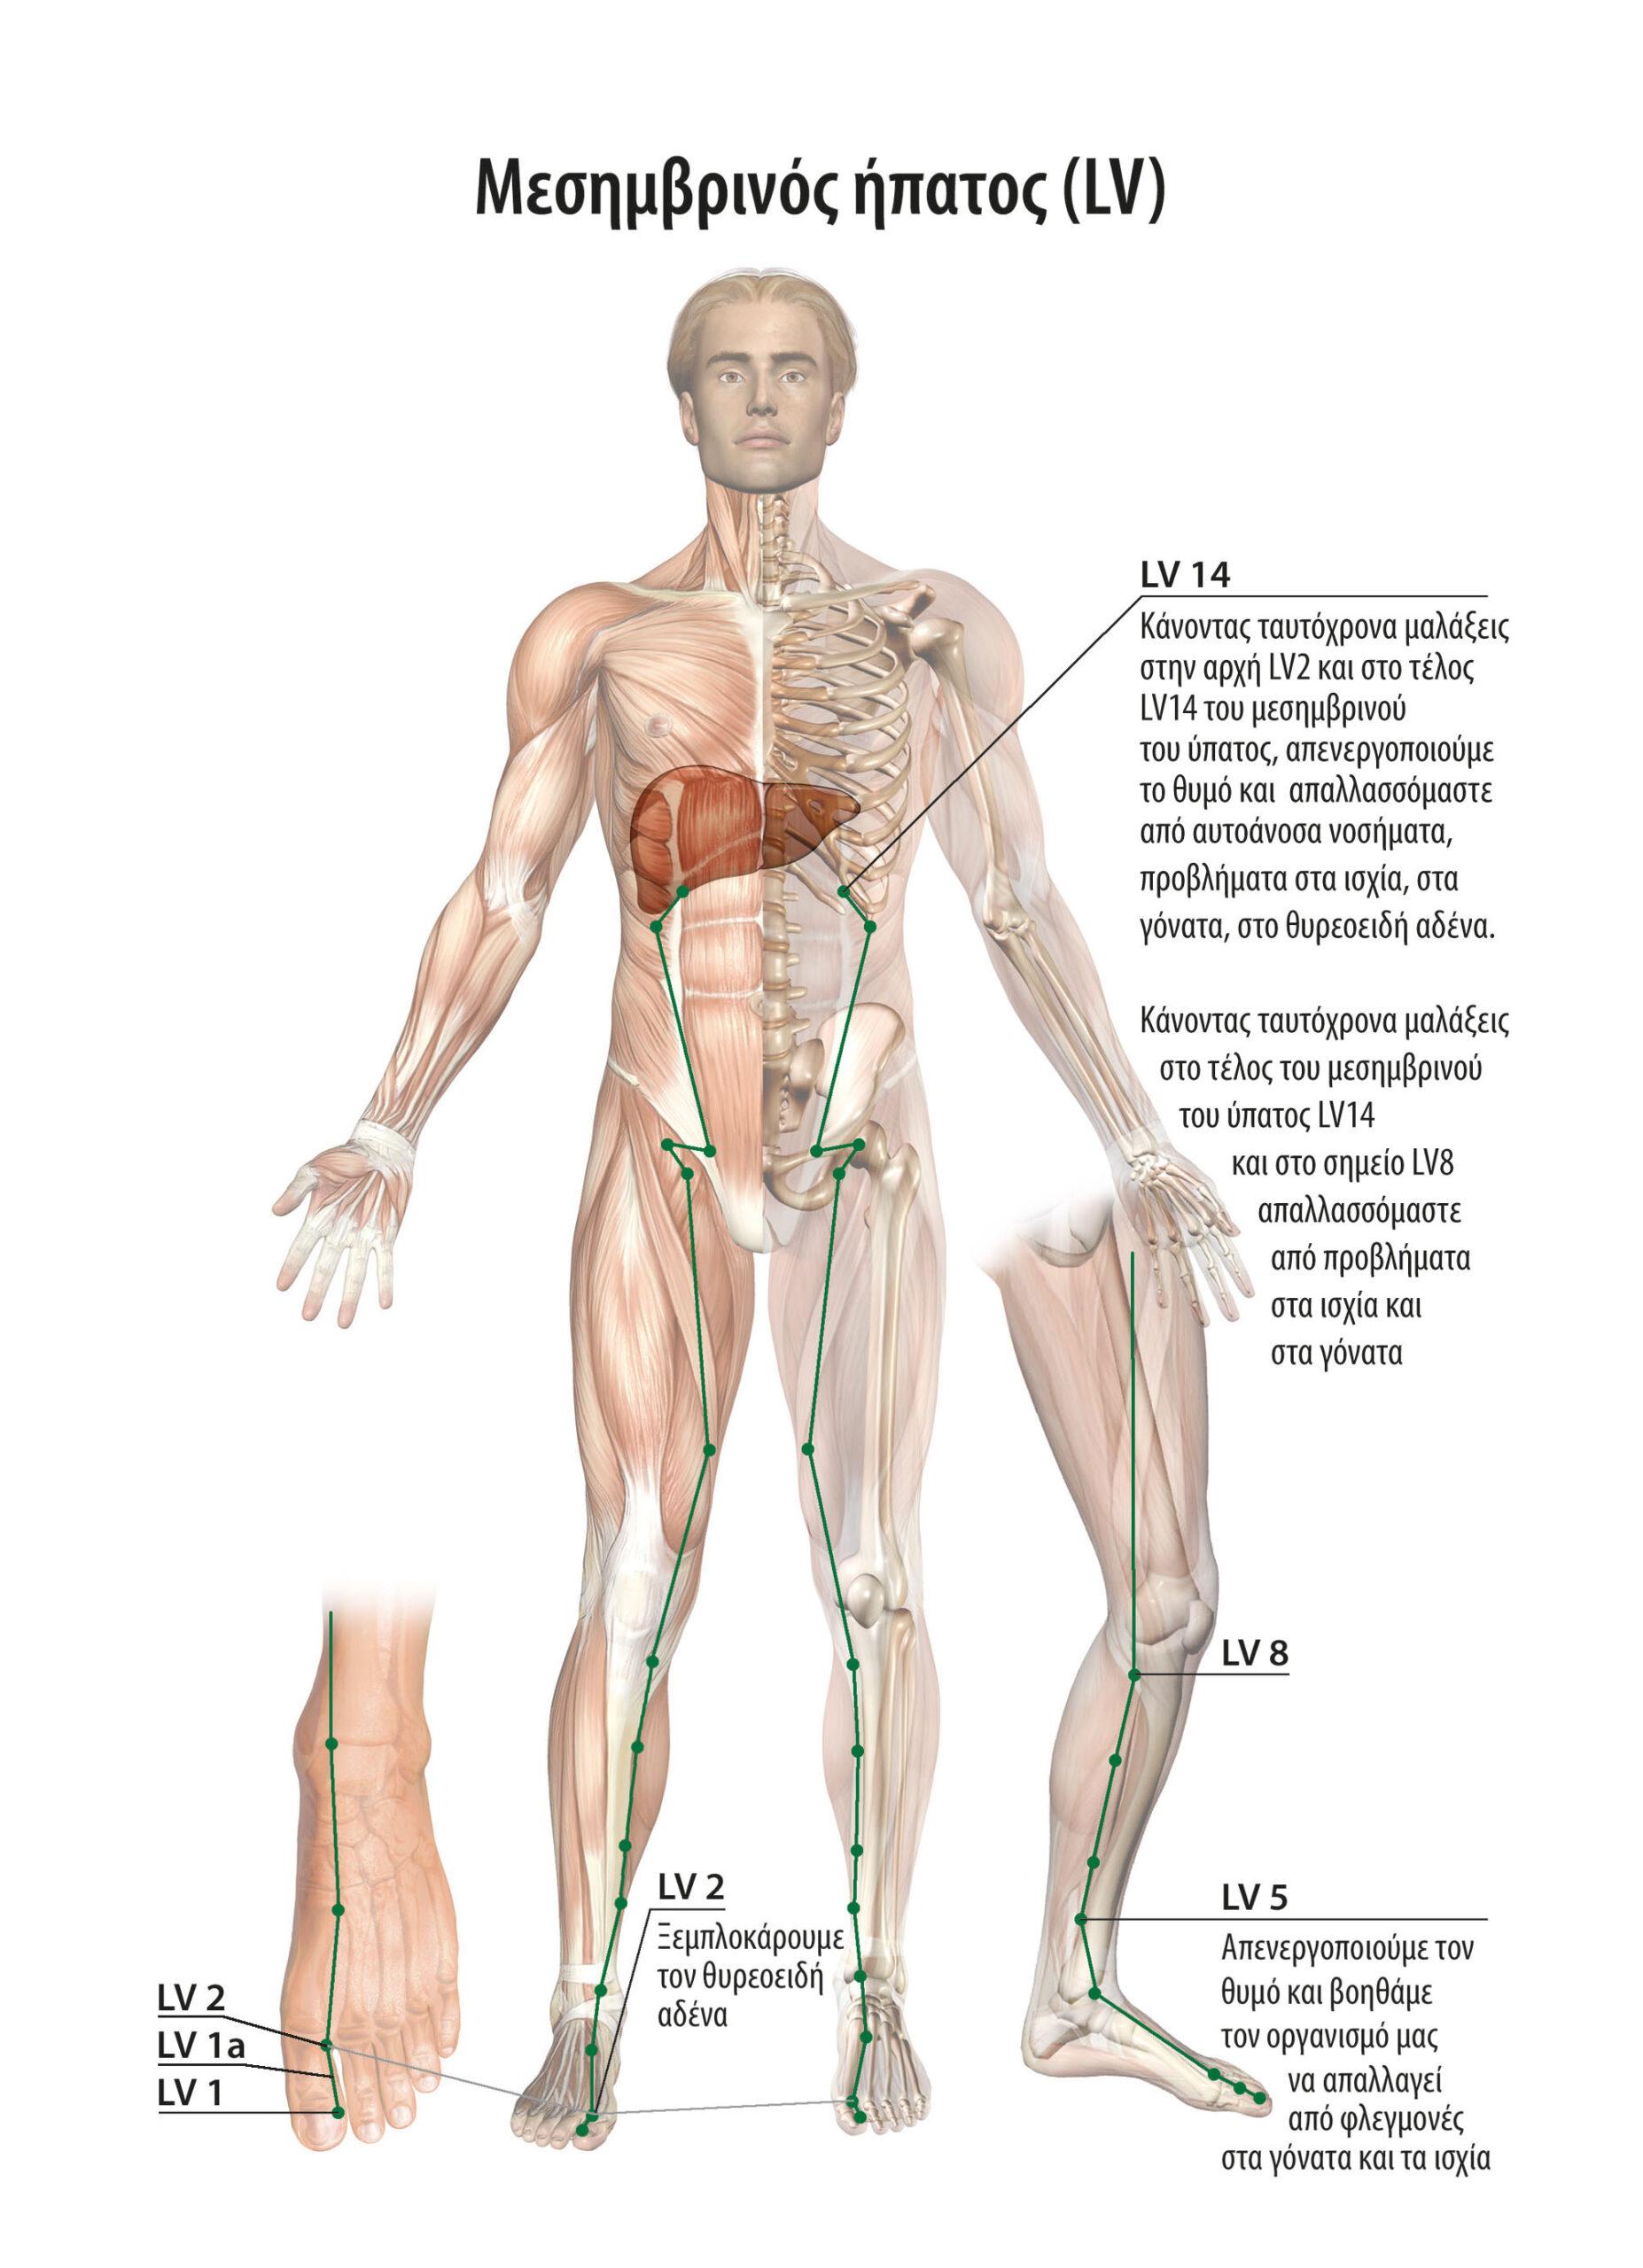 Αυτοθεραπεία από έντονους ιλίγγους, πονοκεφάλους, αυχενικό, λουμπάγκο, εντονους πόνους στη μέση,  πόνους στα γόνατα, ξεμπλοκάροντας  τους μεσημβρινούς της χολής, της ουροδόχου κύστης και ύπατος. 2